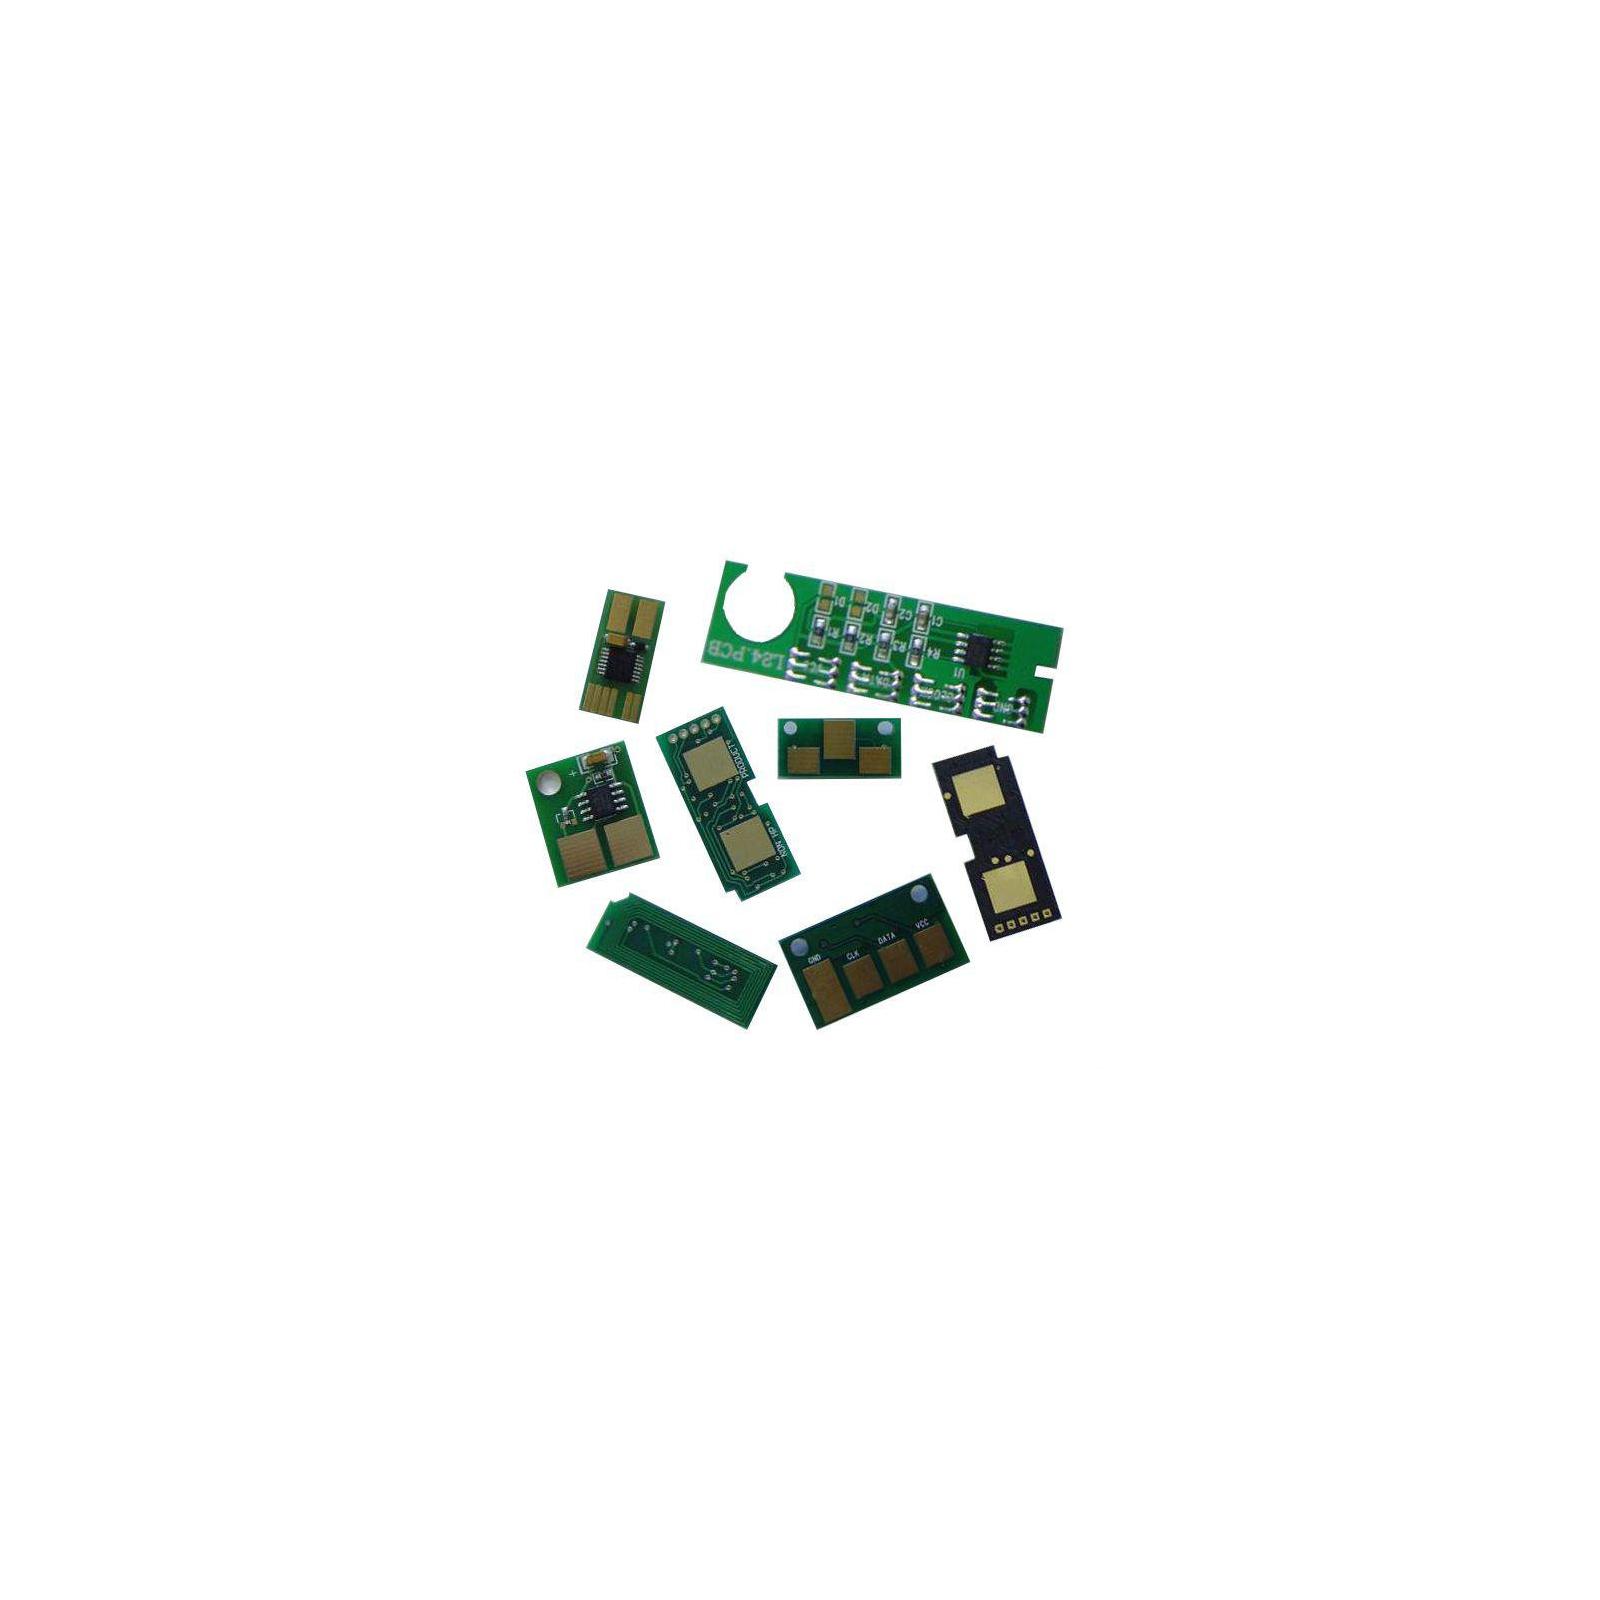 Чип для картриджа EPSON T1302 ДЛЯ SX525/620 CYAN Apex (CHIP-EPS-T1302-C)